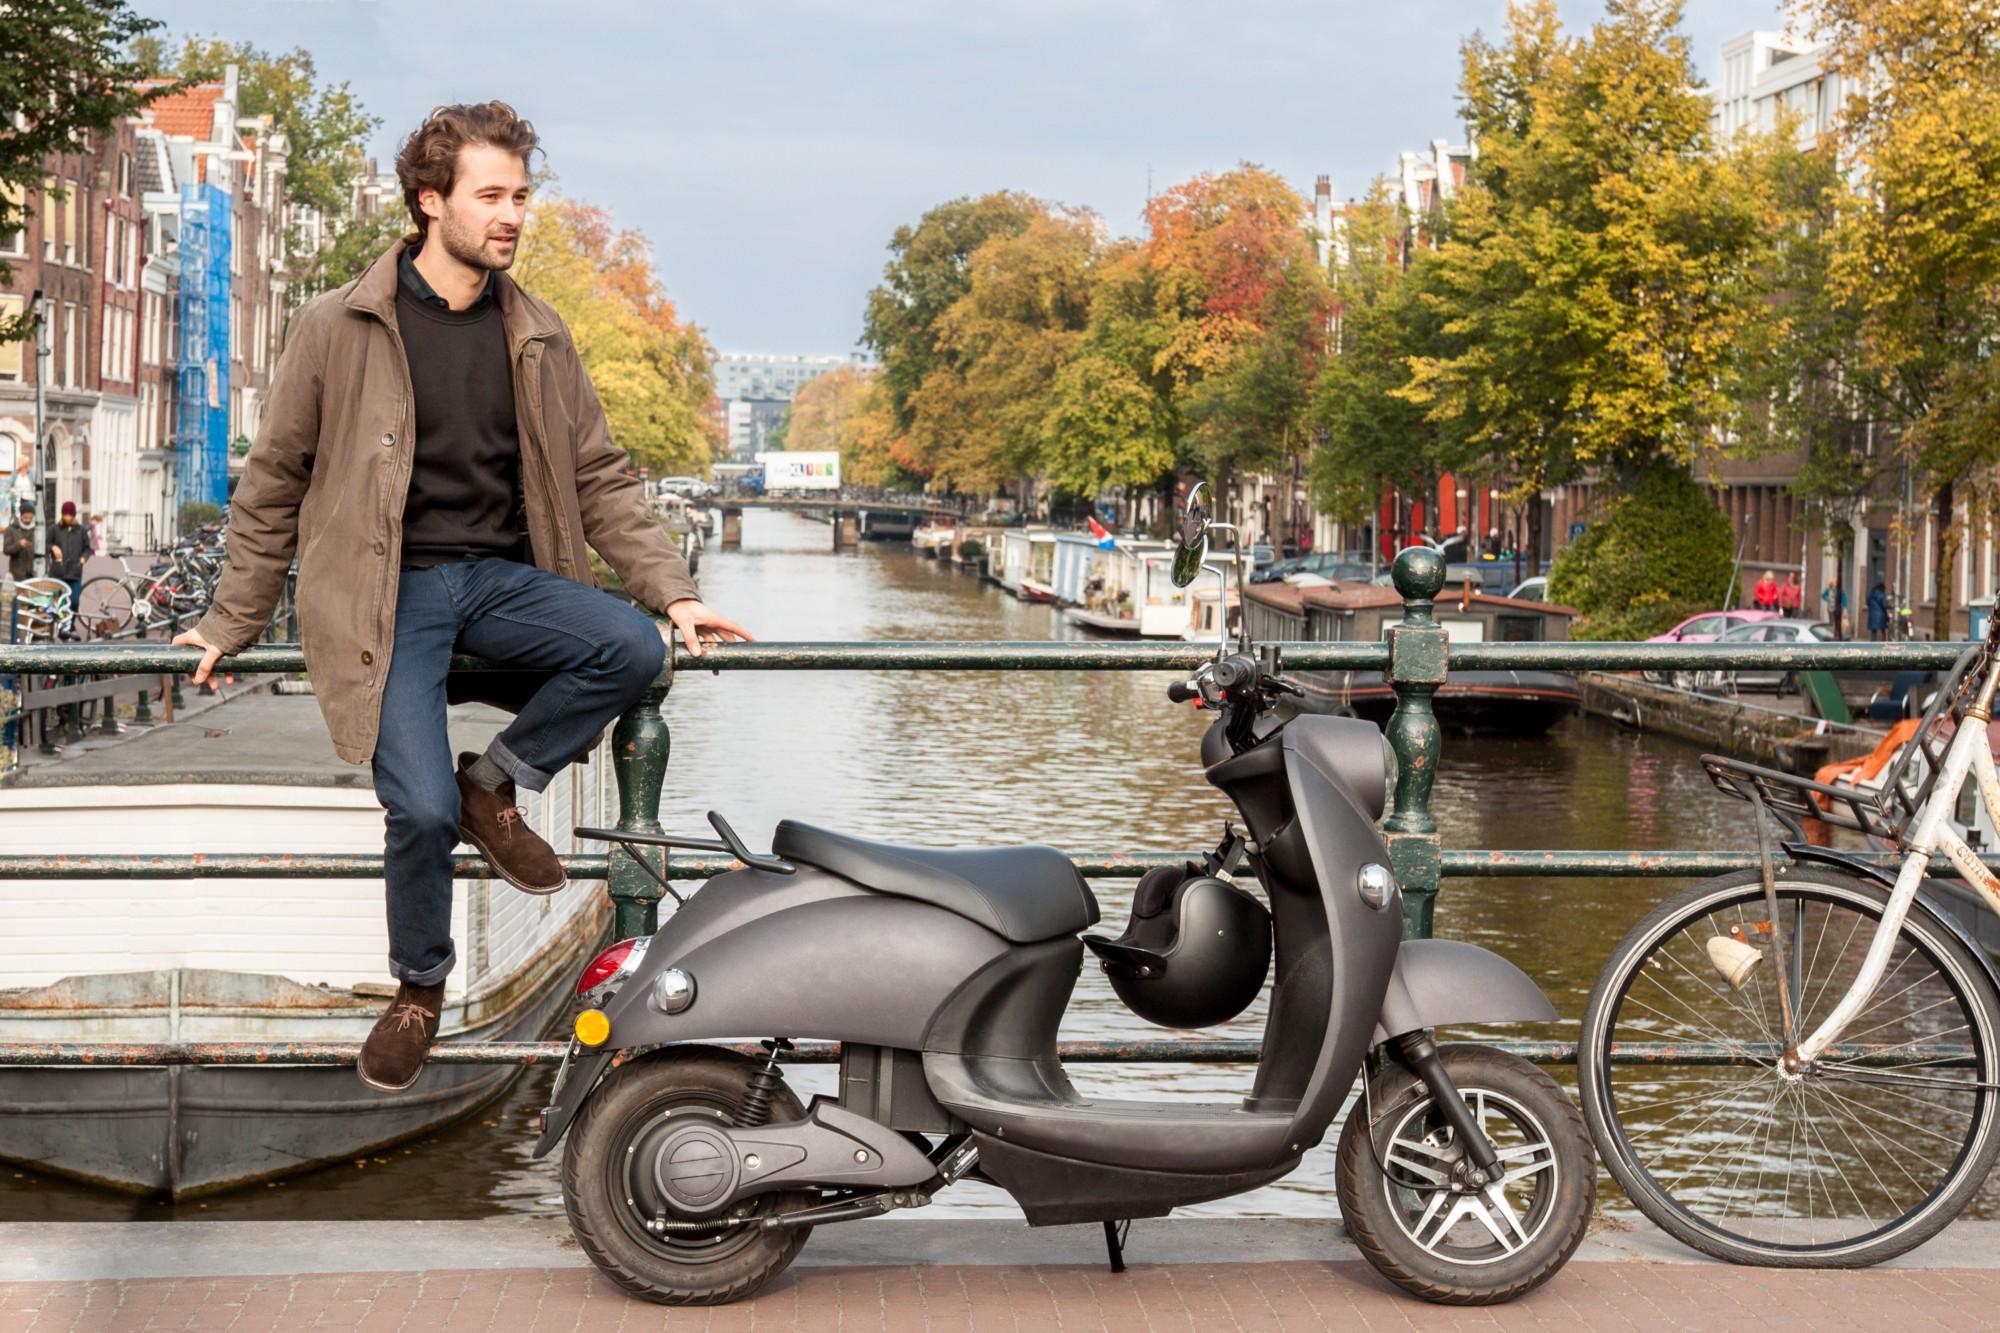 Ein 3000 Watt  unu-Eektroroller  in Midnight Black parkt an der Gracht in Jordaan, Amsterdam.